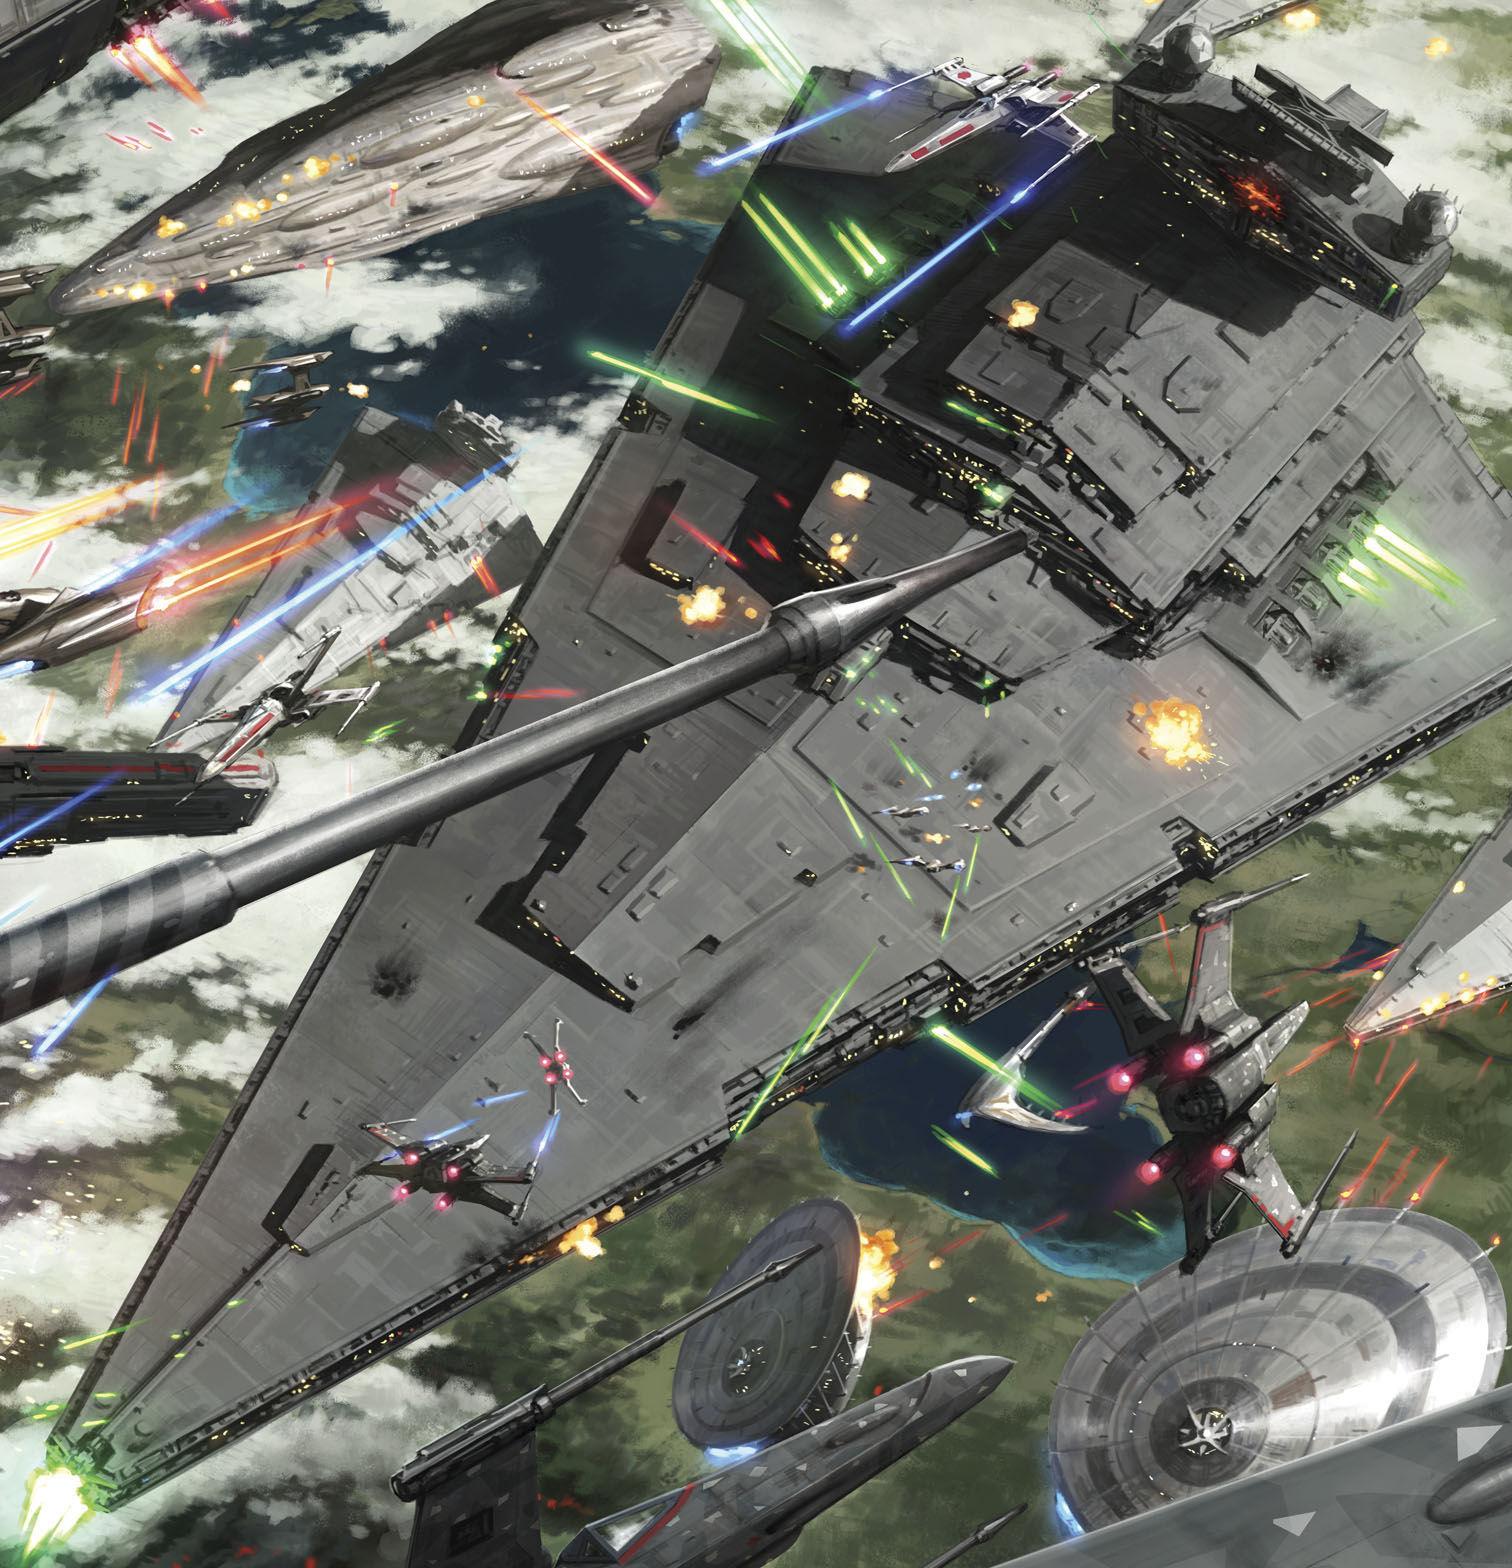 ¿Quién mata finálmente a Darth Caedus en el Segundo Duelo a bordo del Anakin Solo (Destructor Estelar clase Imperial II)?